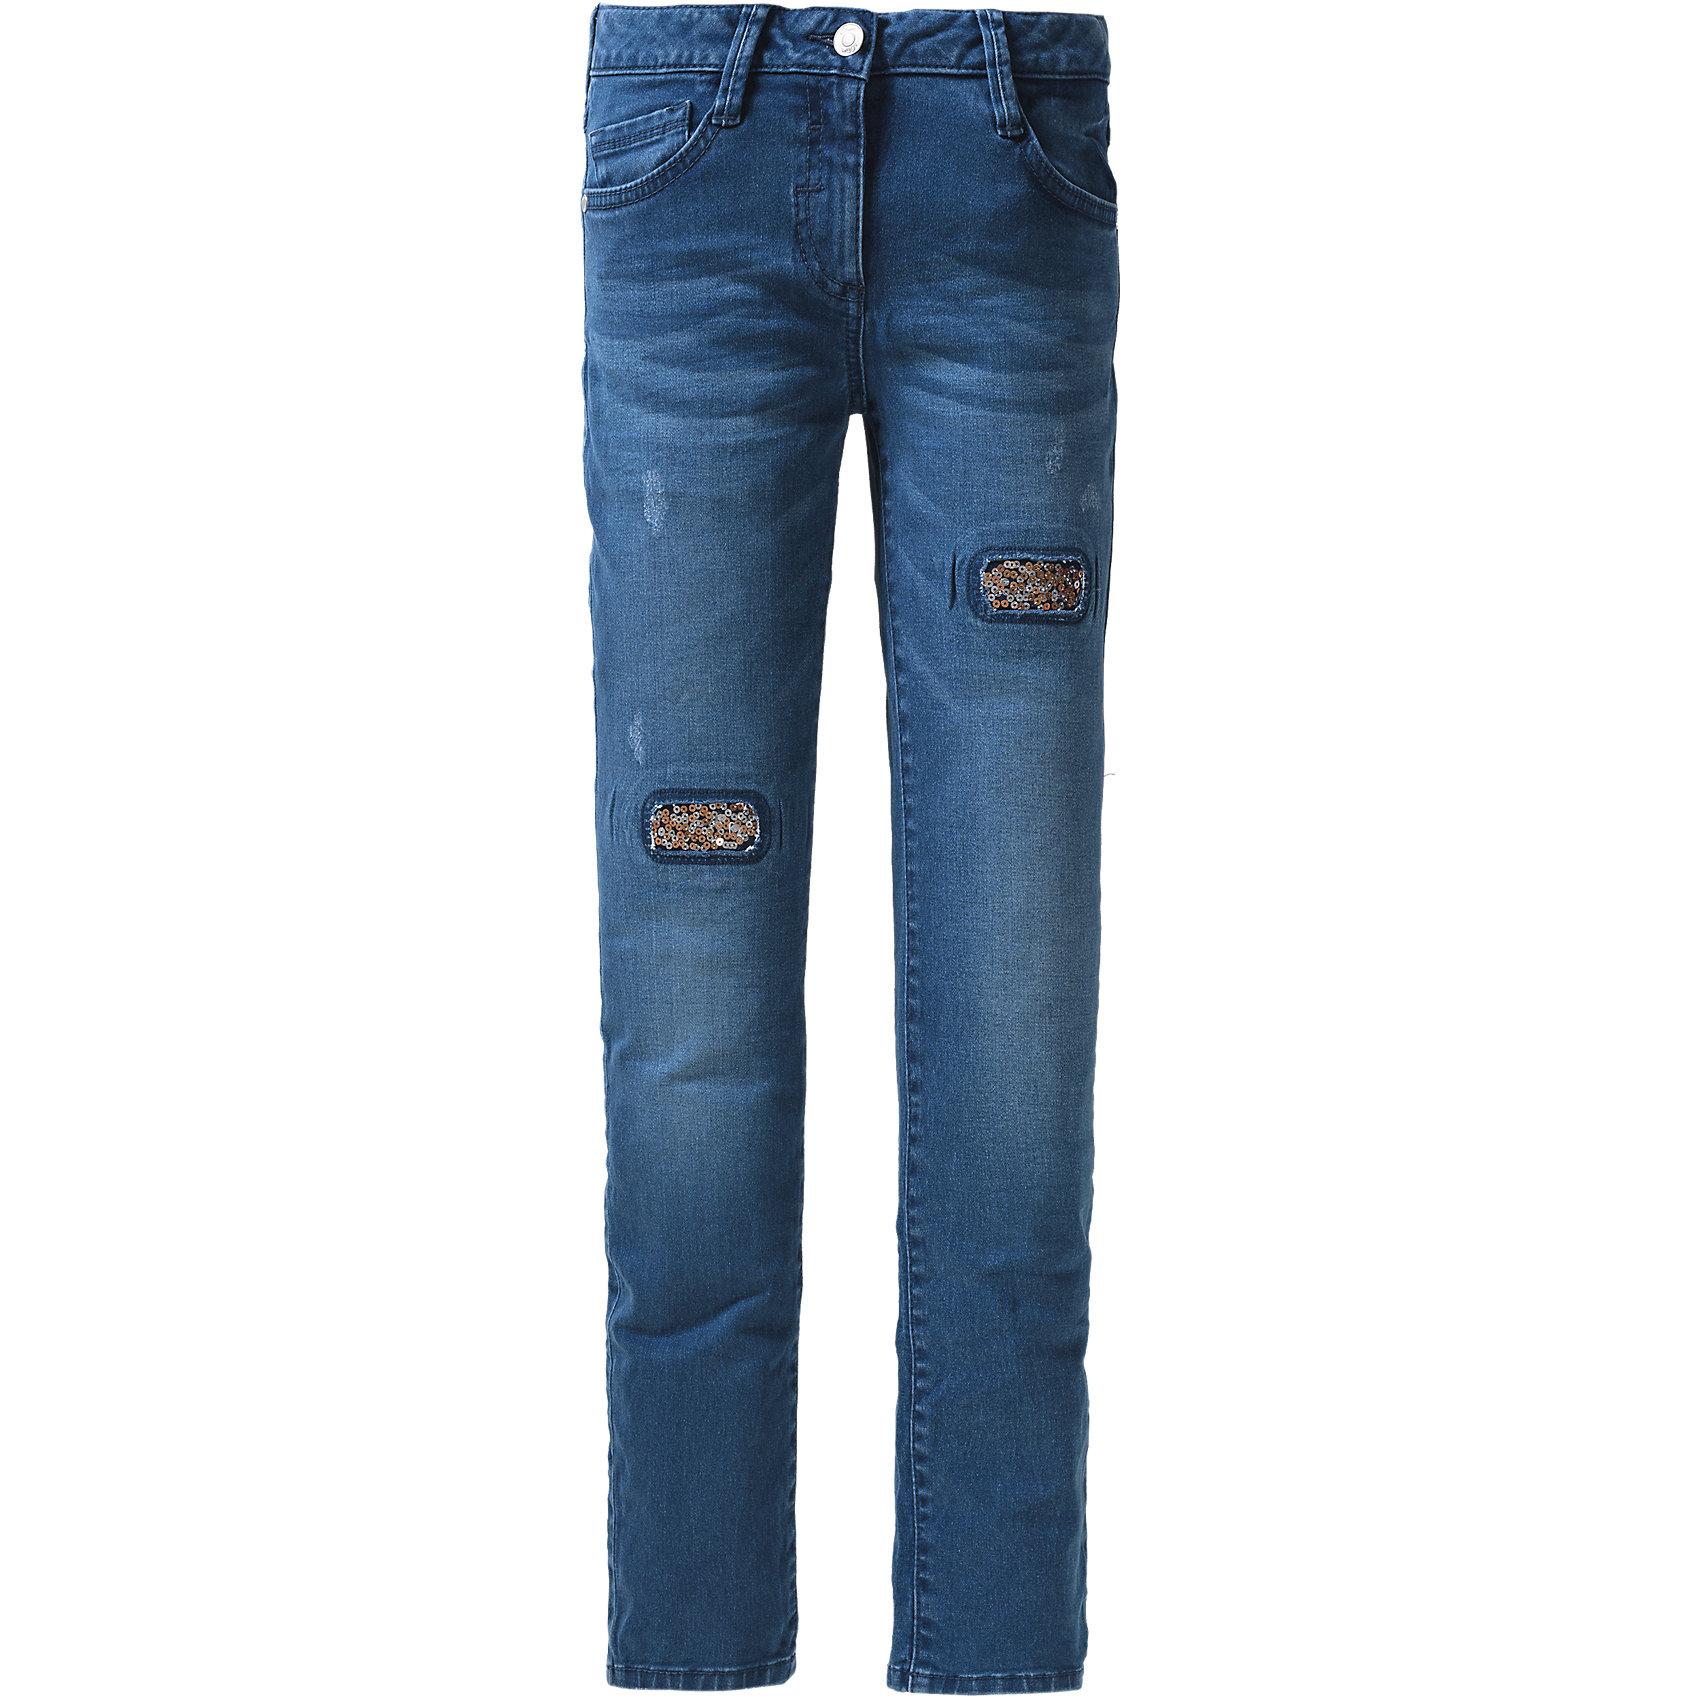 b25aa9f5d22c7e Neu s.Oliver Jeans SURI Regular Fit mit Pailletten für Mädchen ...